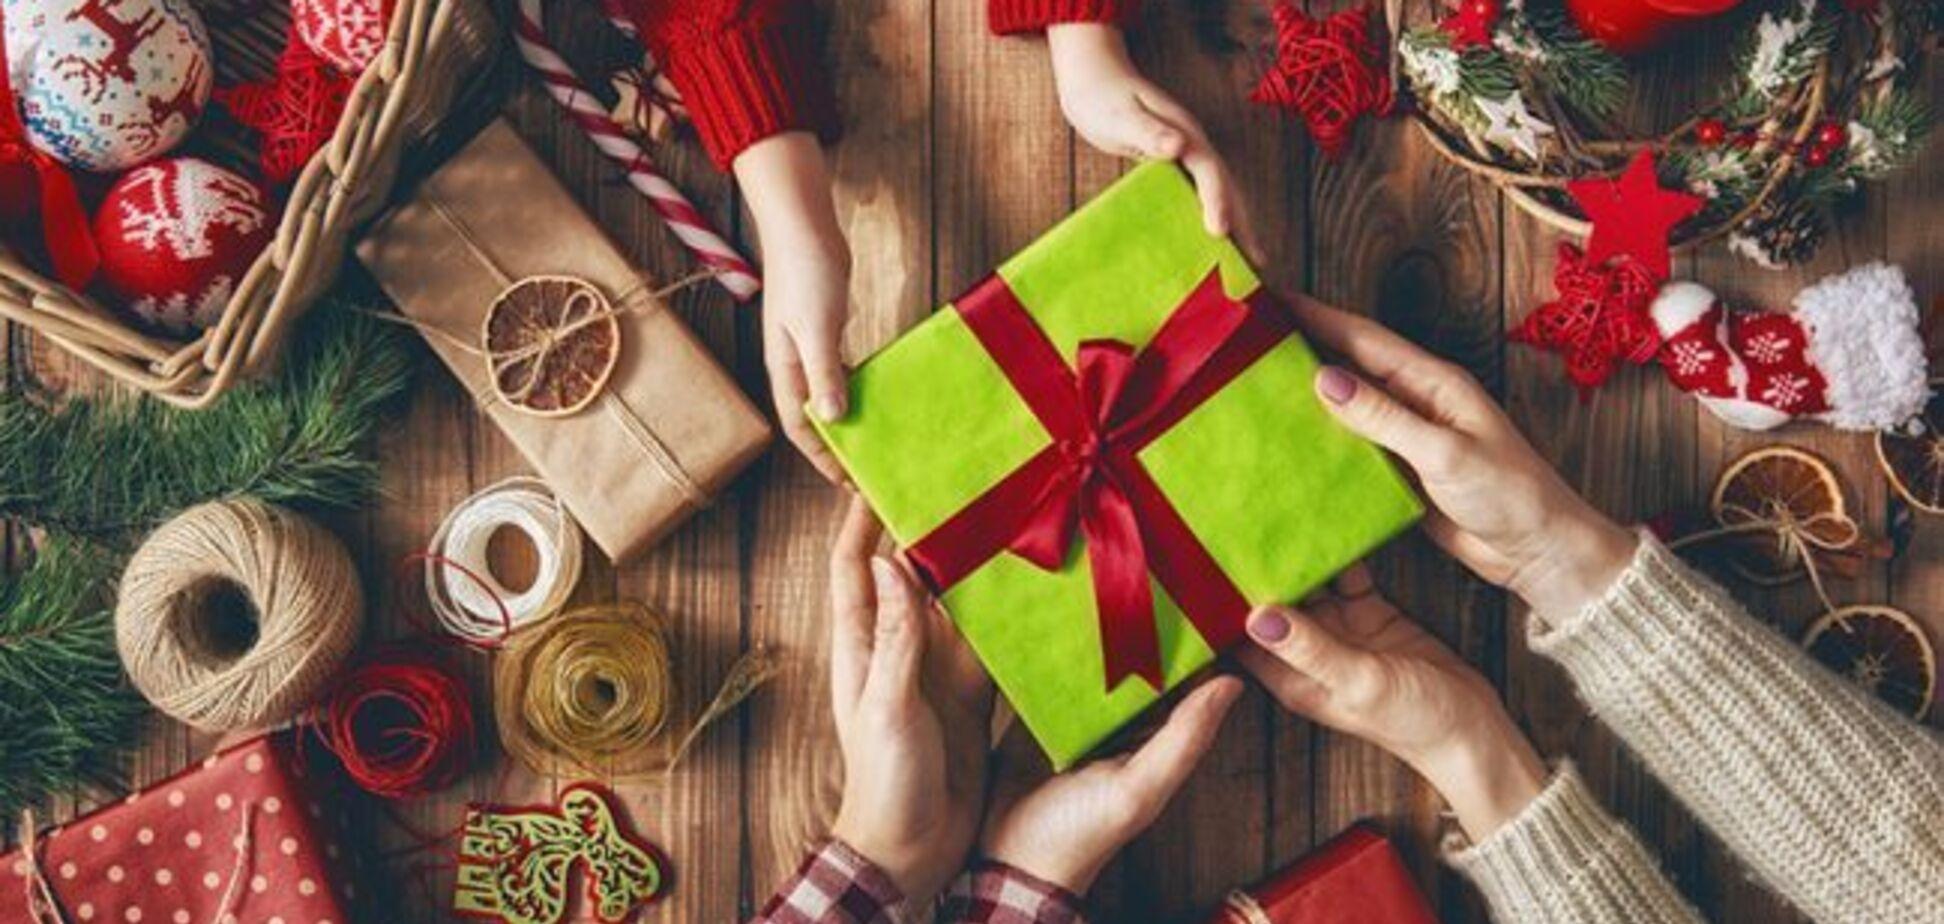 ТОП яскравих і незвичайних подарунків в Дніпрі на Новий рік